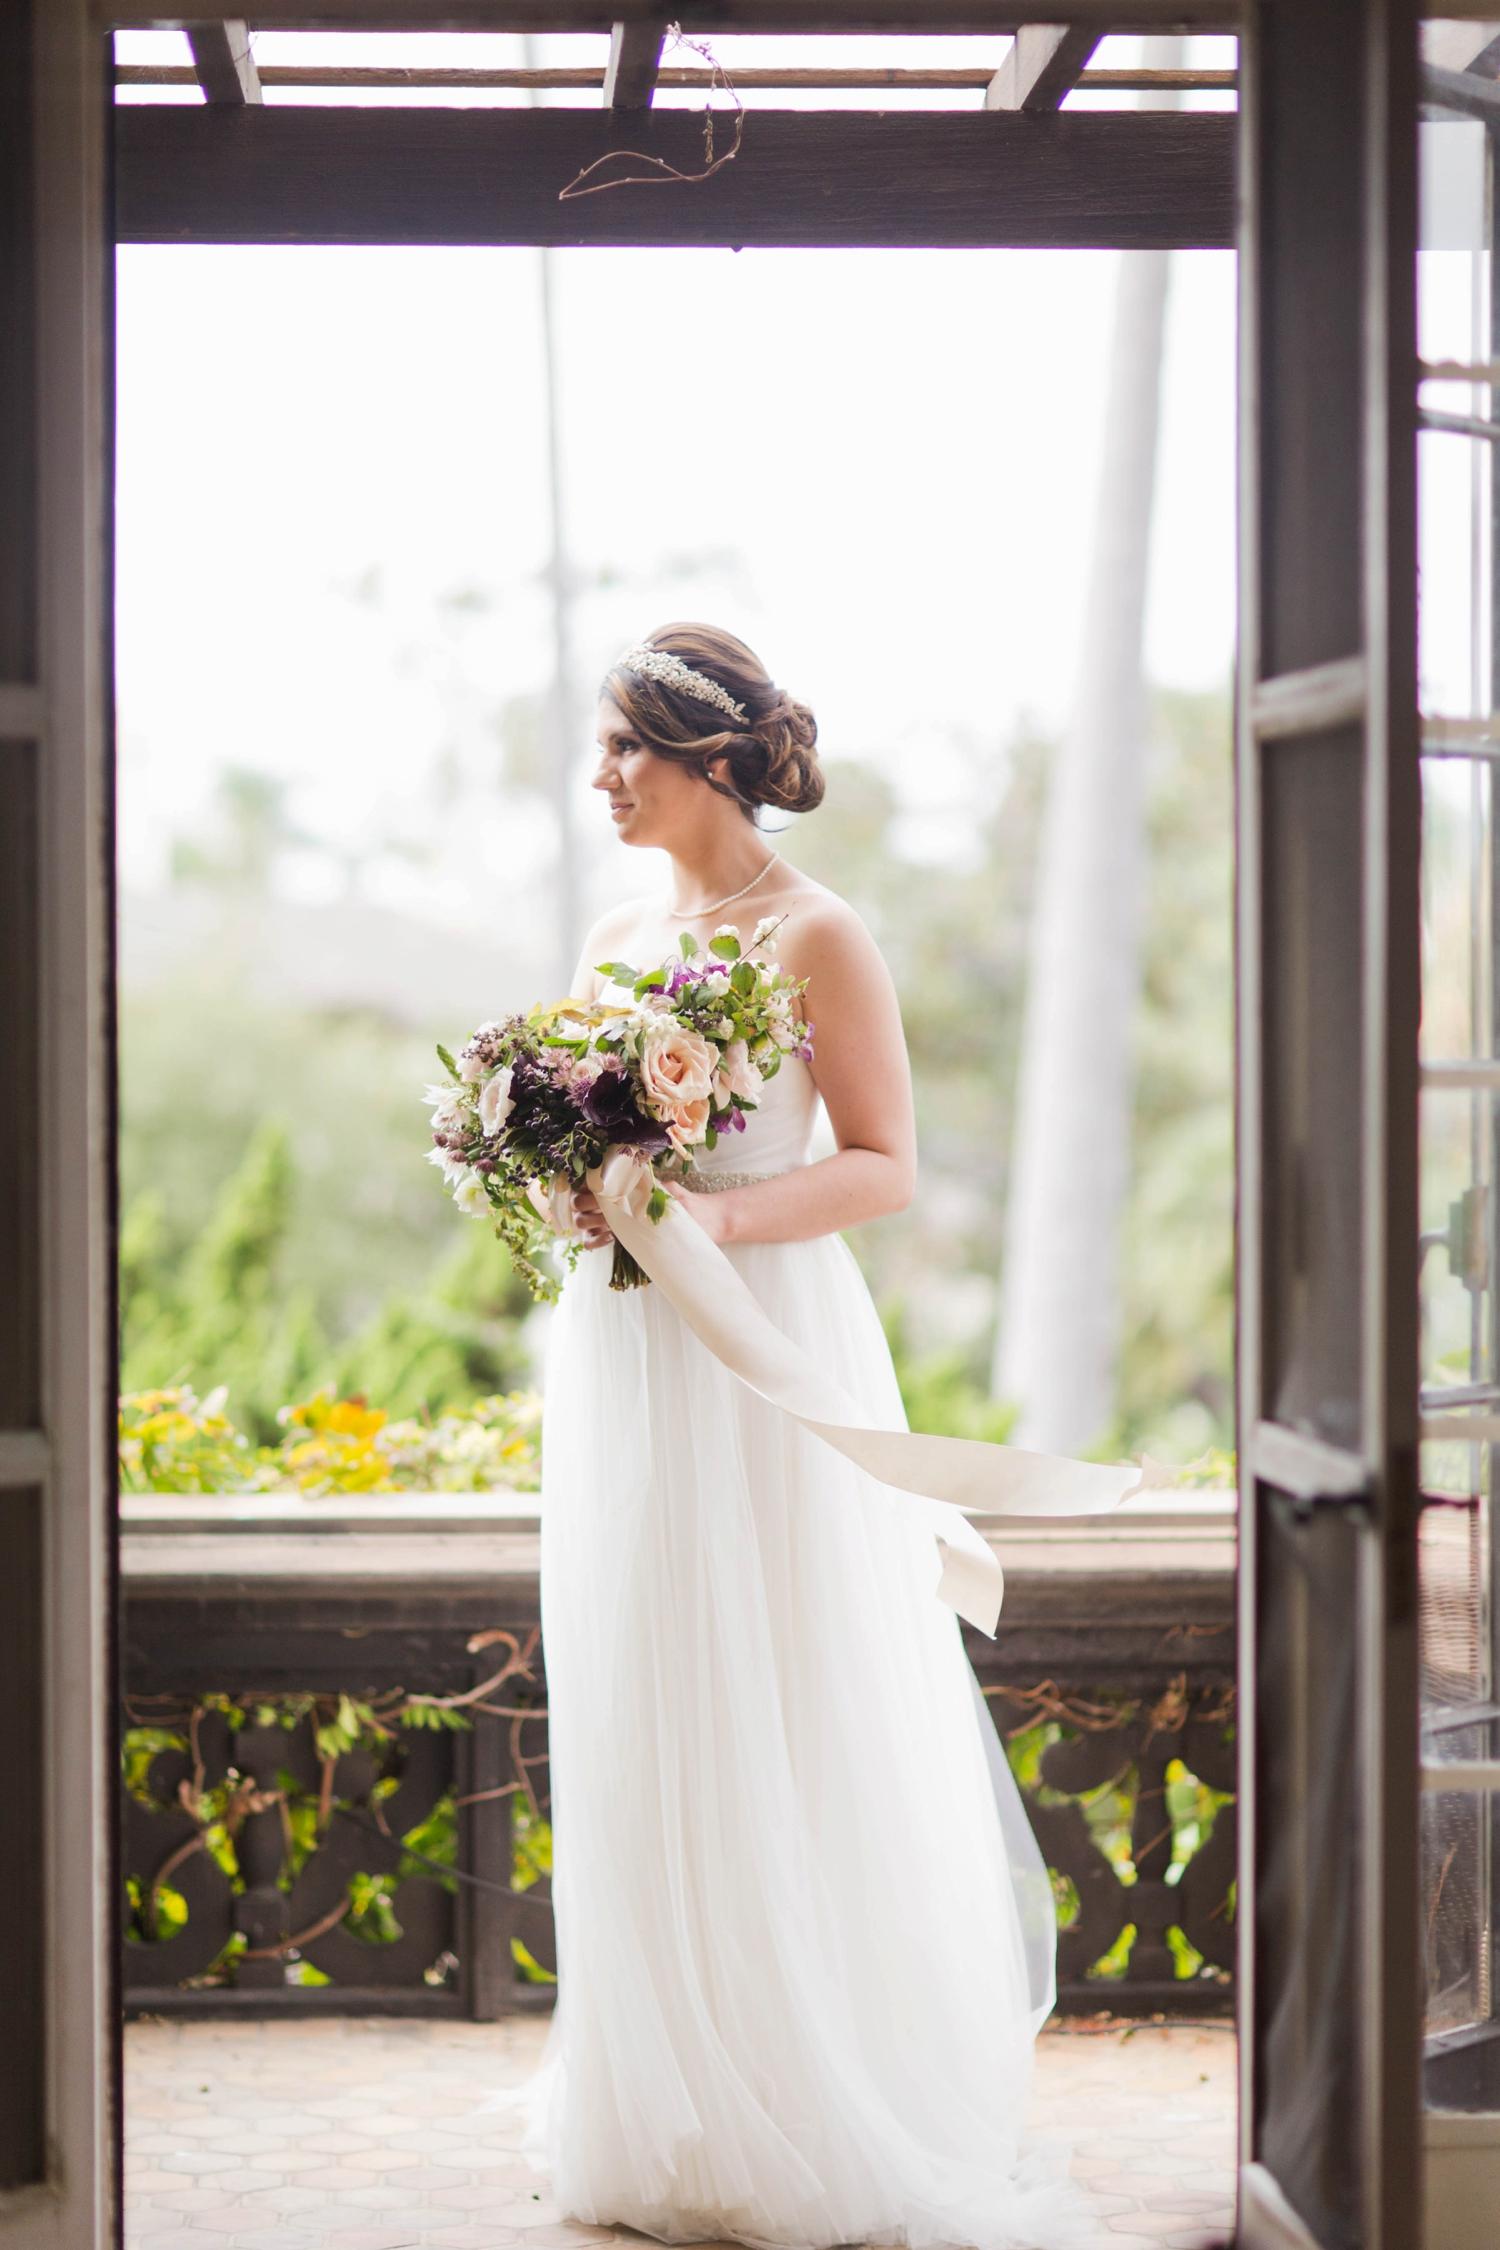 shewanders.coronado.wedding.photography2363.jpg.wedding.photography2363.jpg